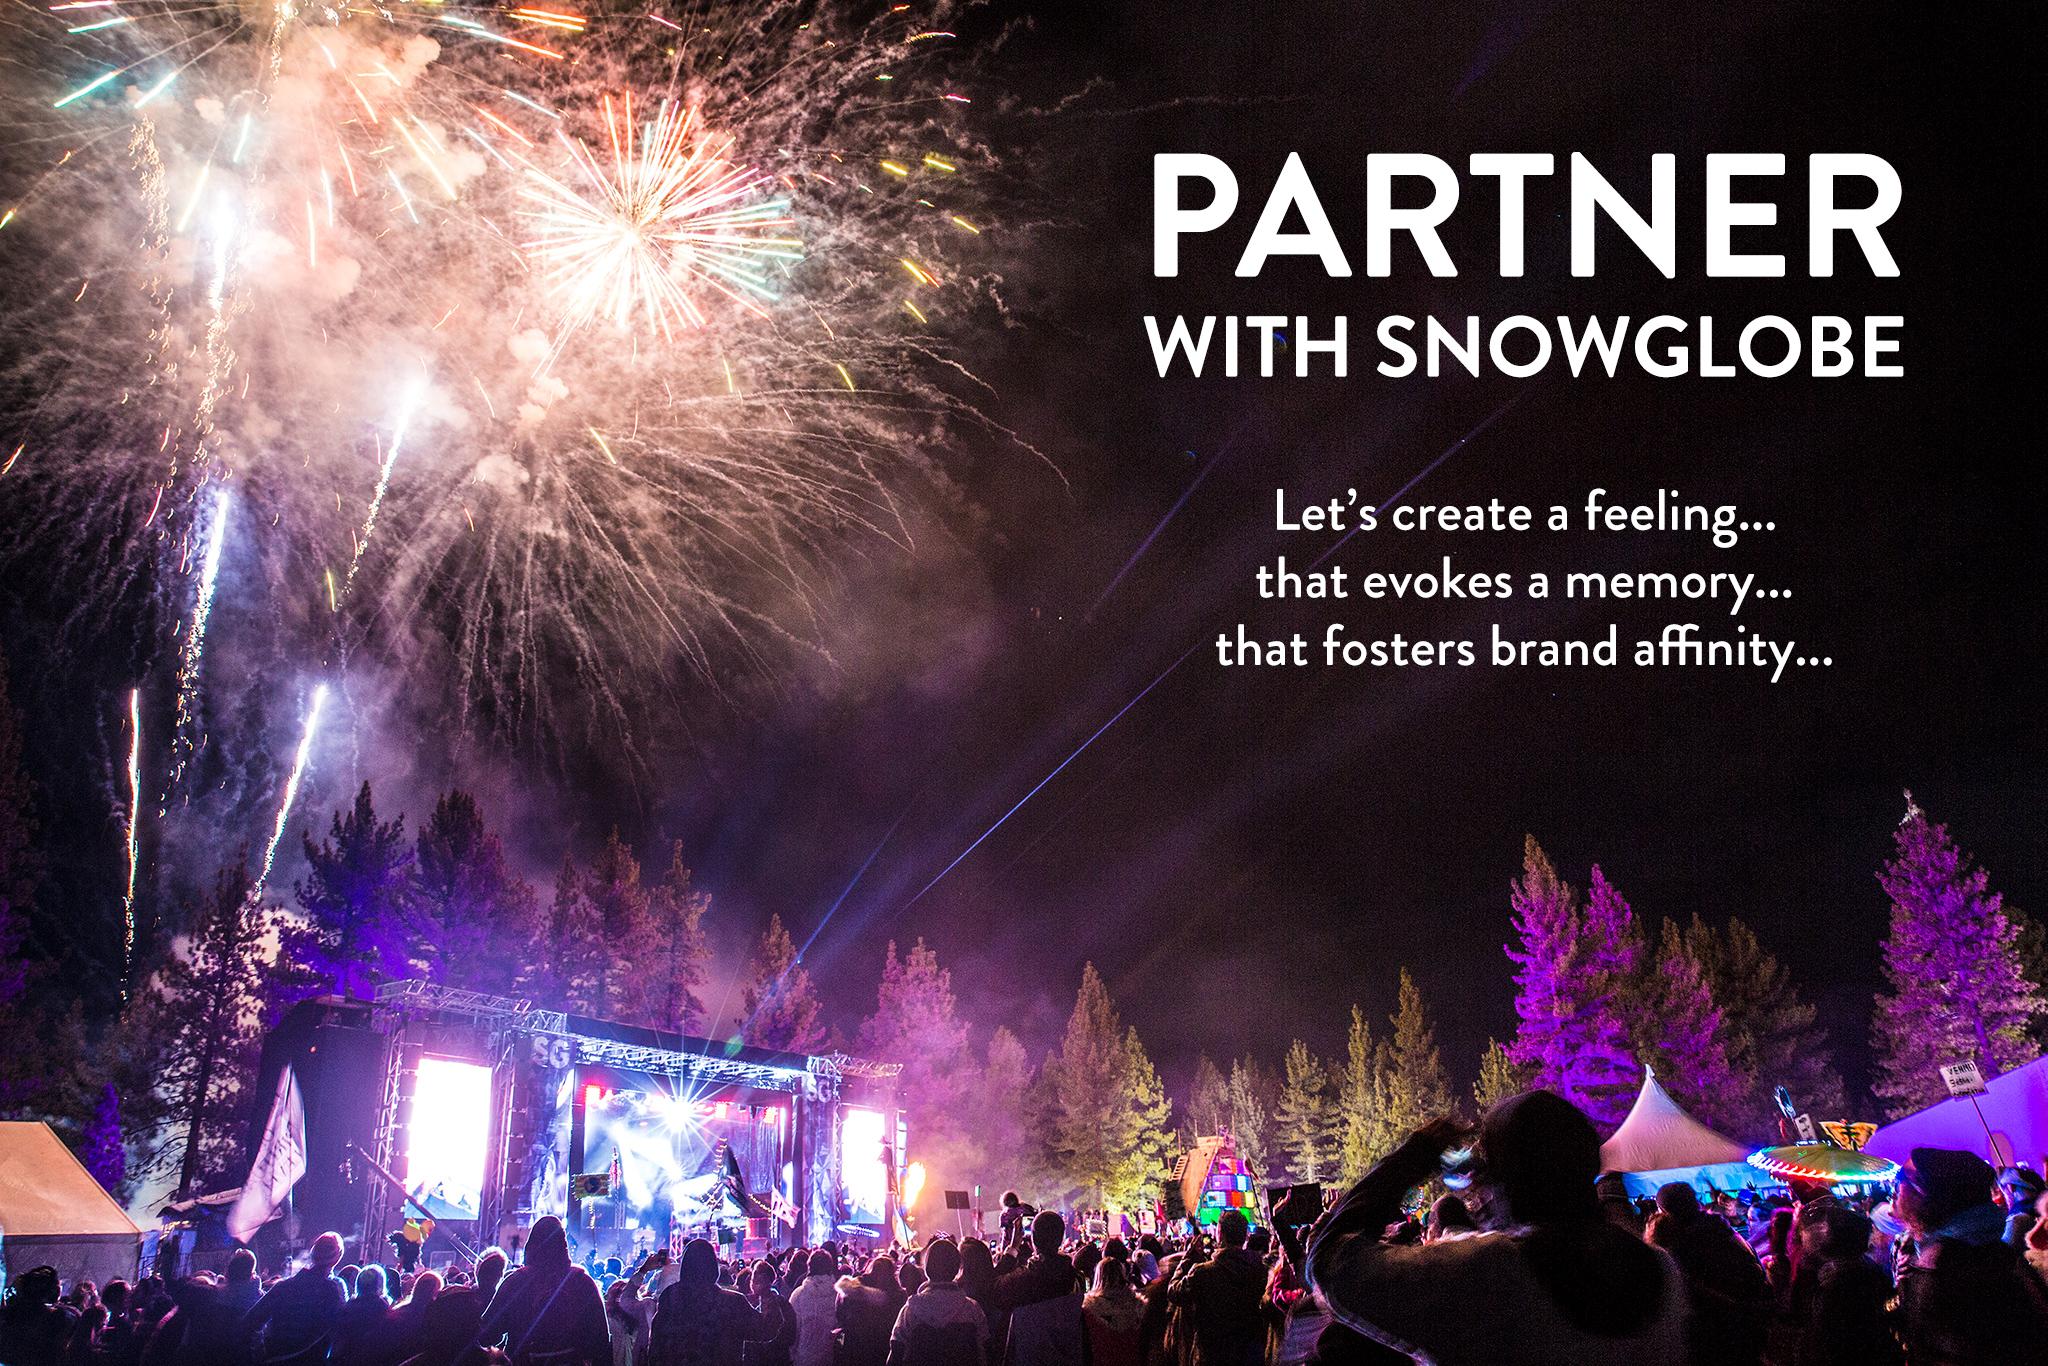 Partner Image 2.jpg